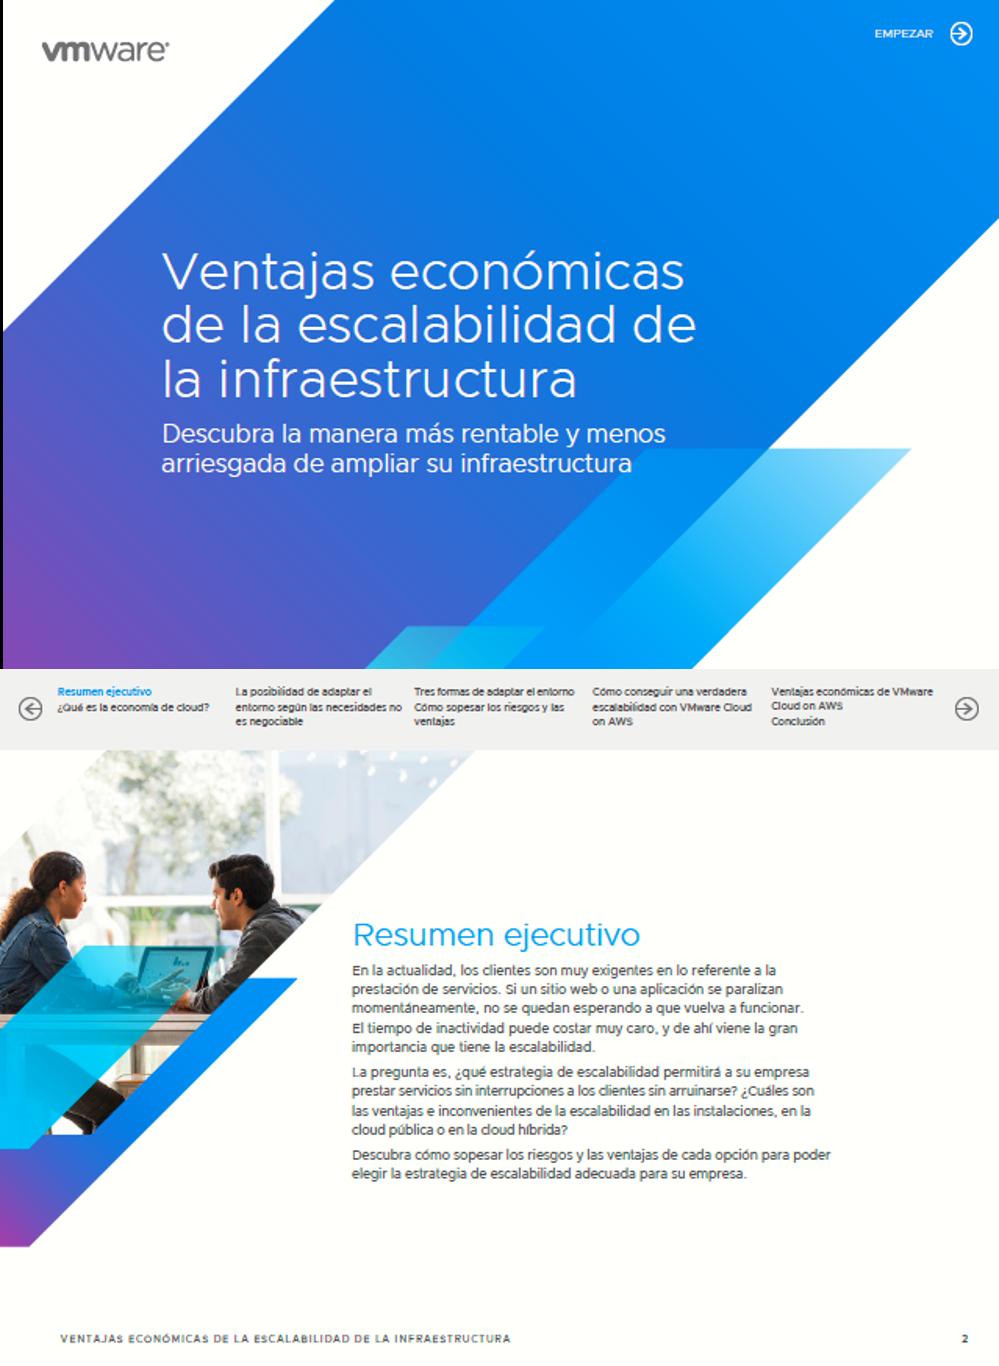 Ventajas económicas de la escalabilidad de la infraestructura